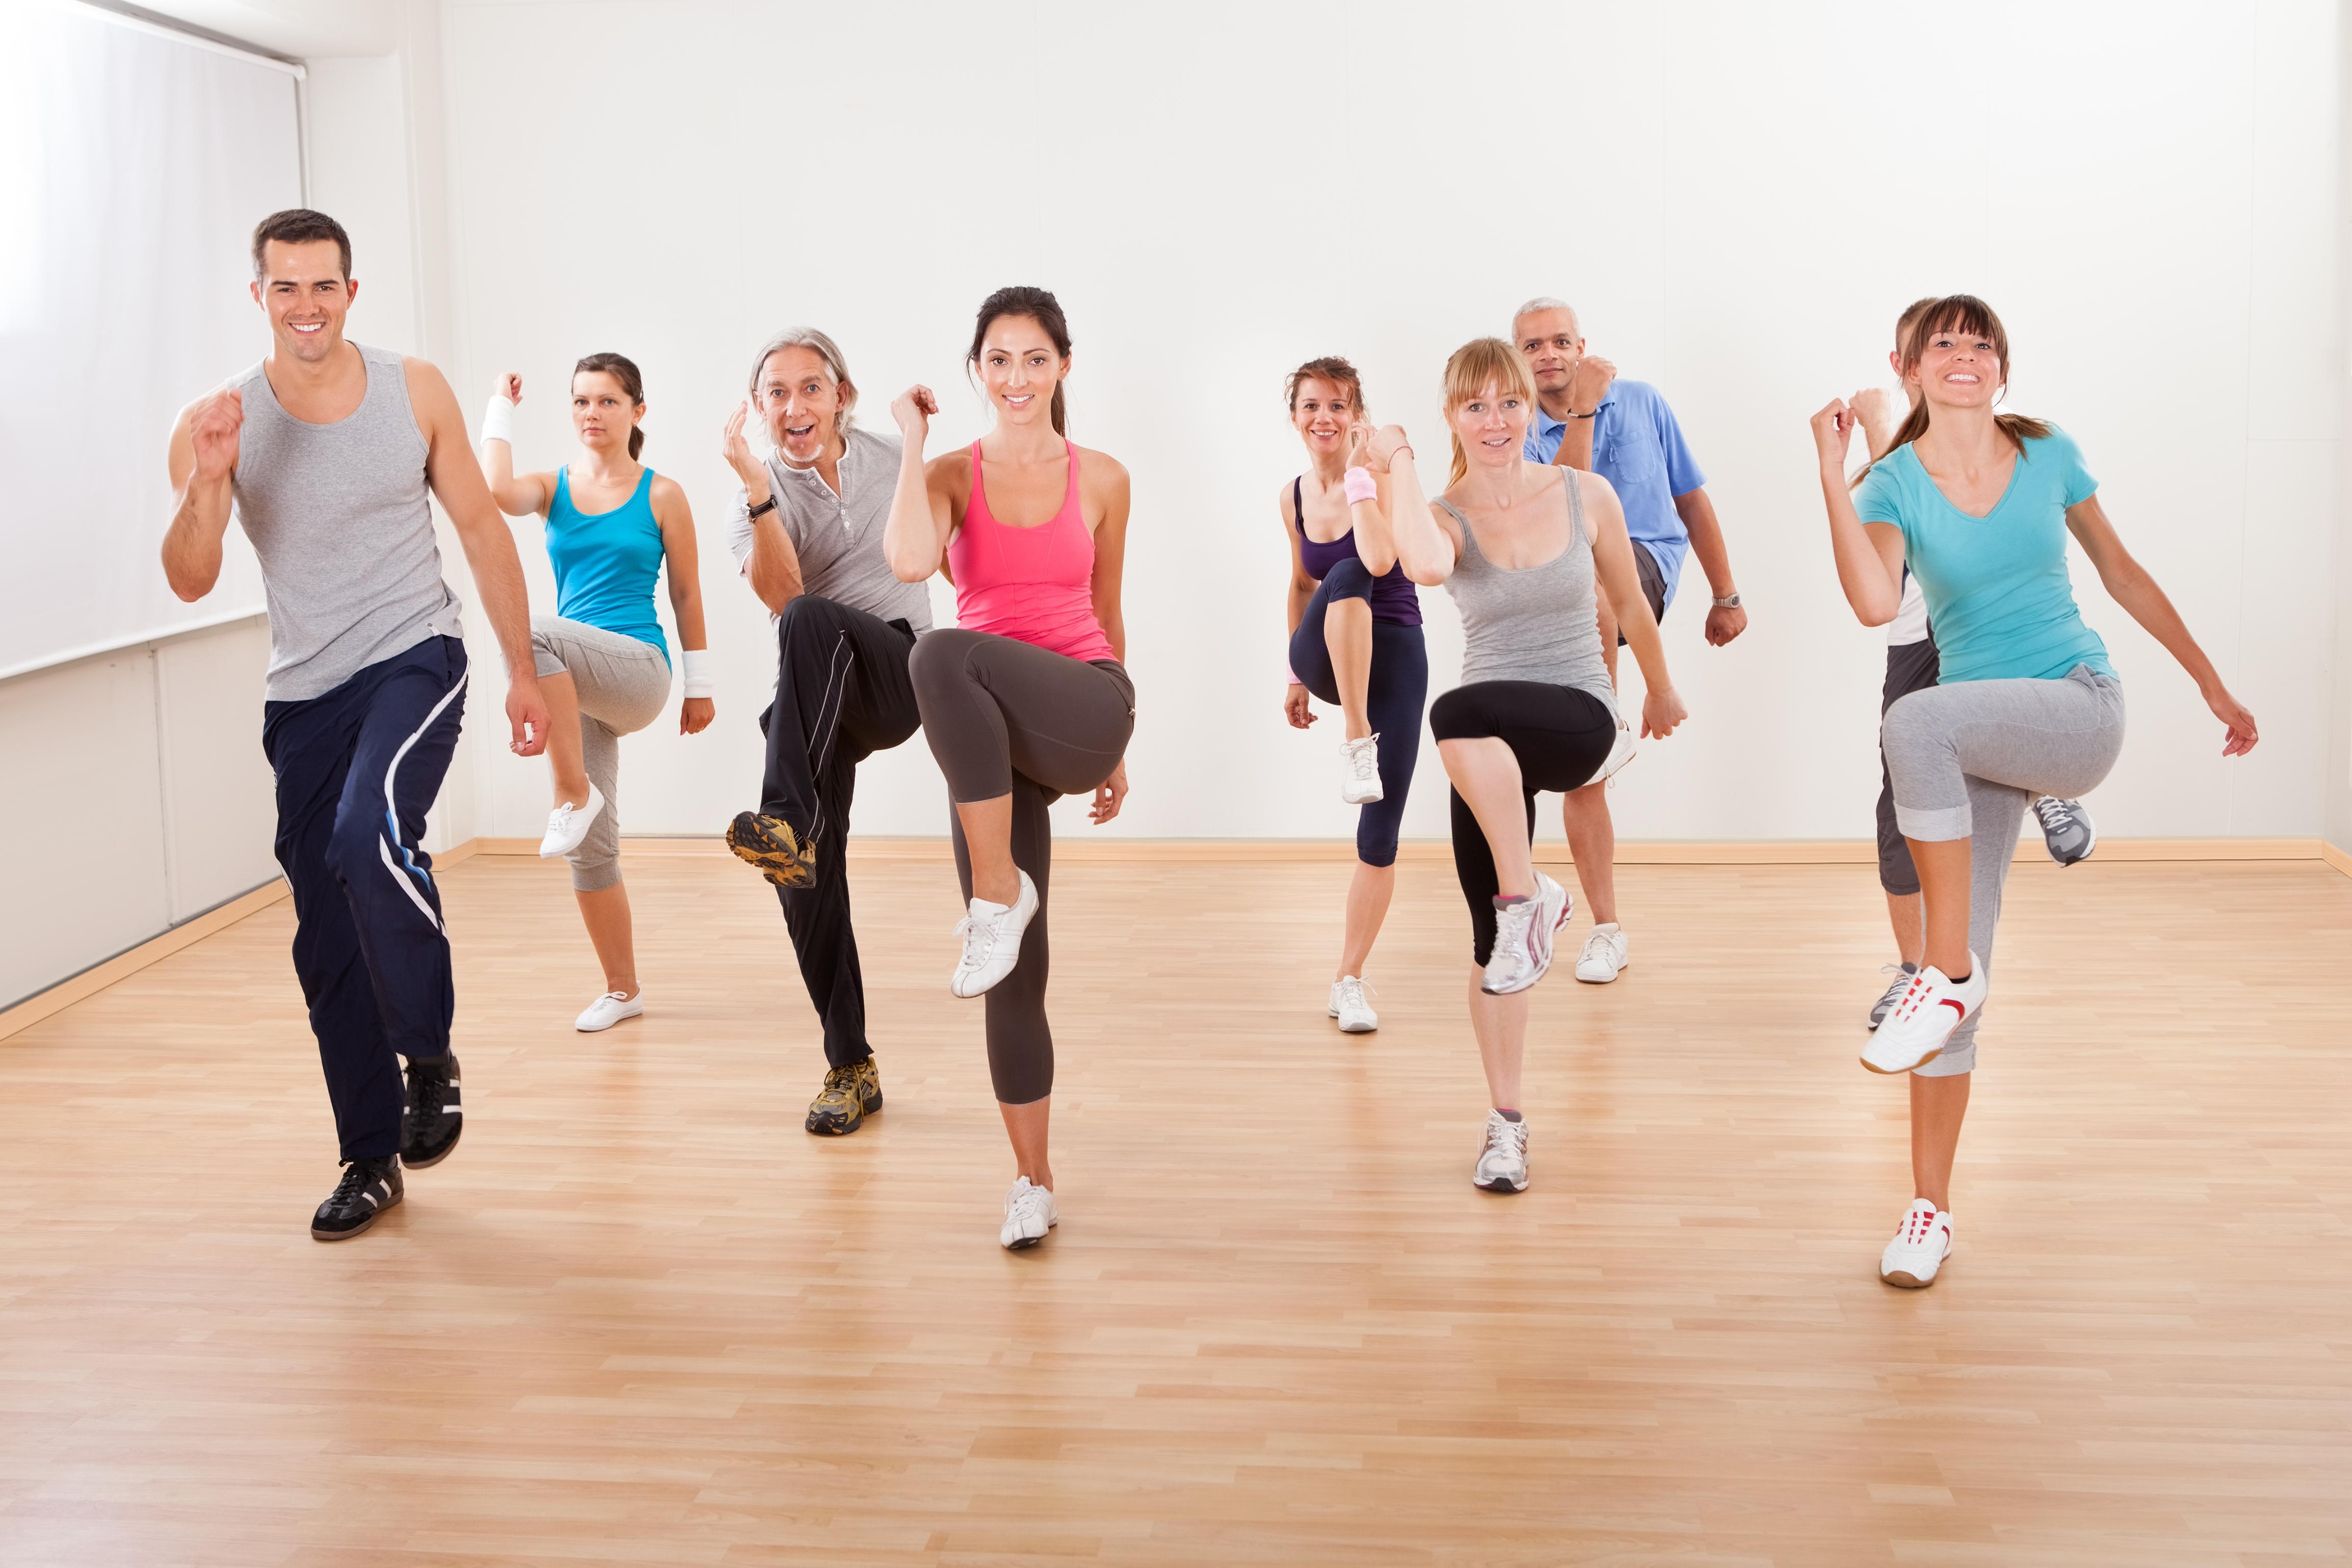 Смотреть групповые танцы 26 фотография